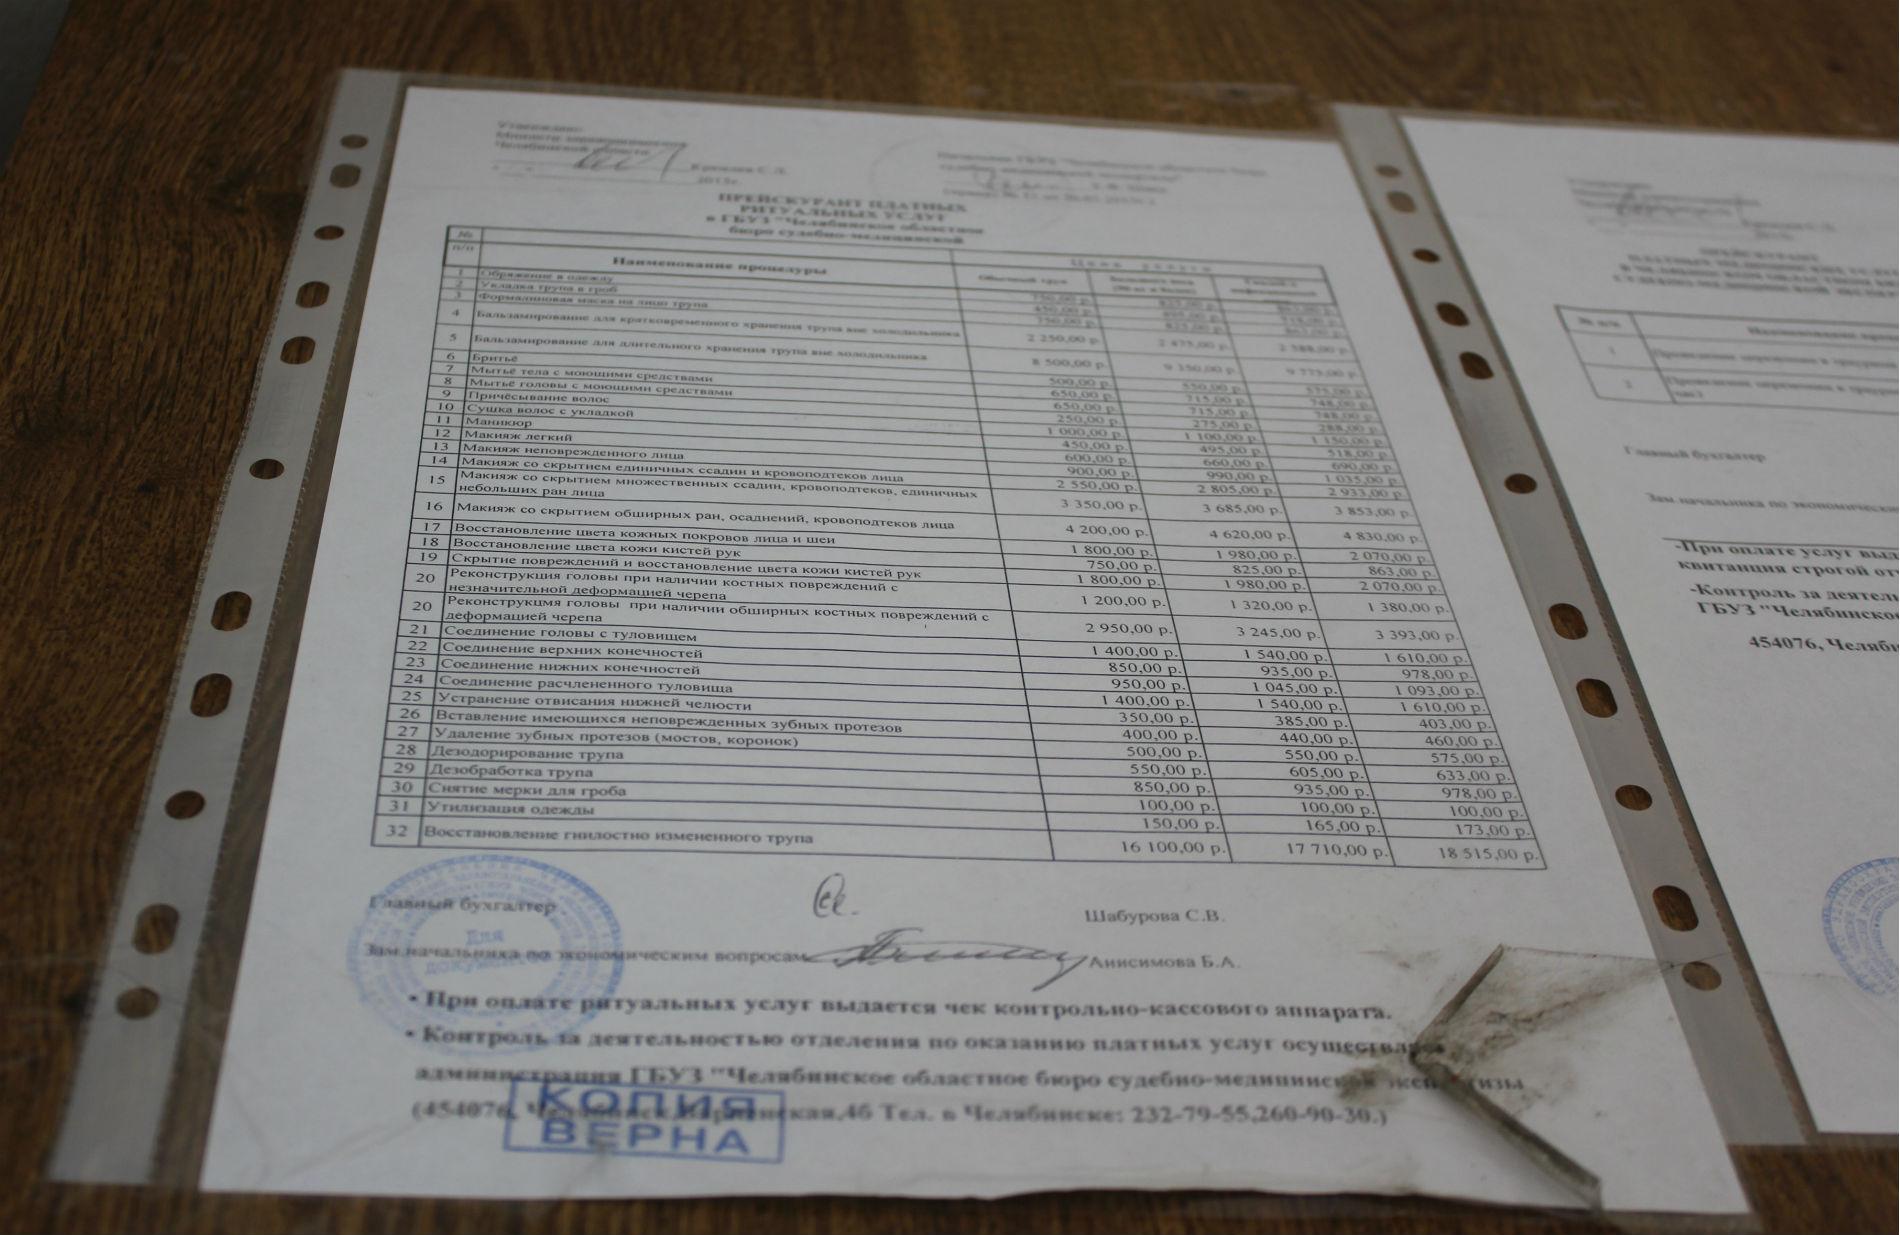 Прейскурант, который до 1 октября требует отменить УФАС, пока висит среди объявлений бюро судмедэкспертизы